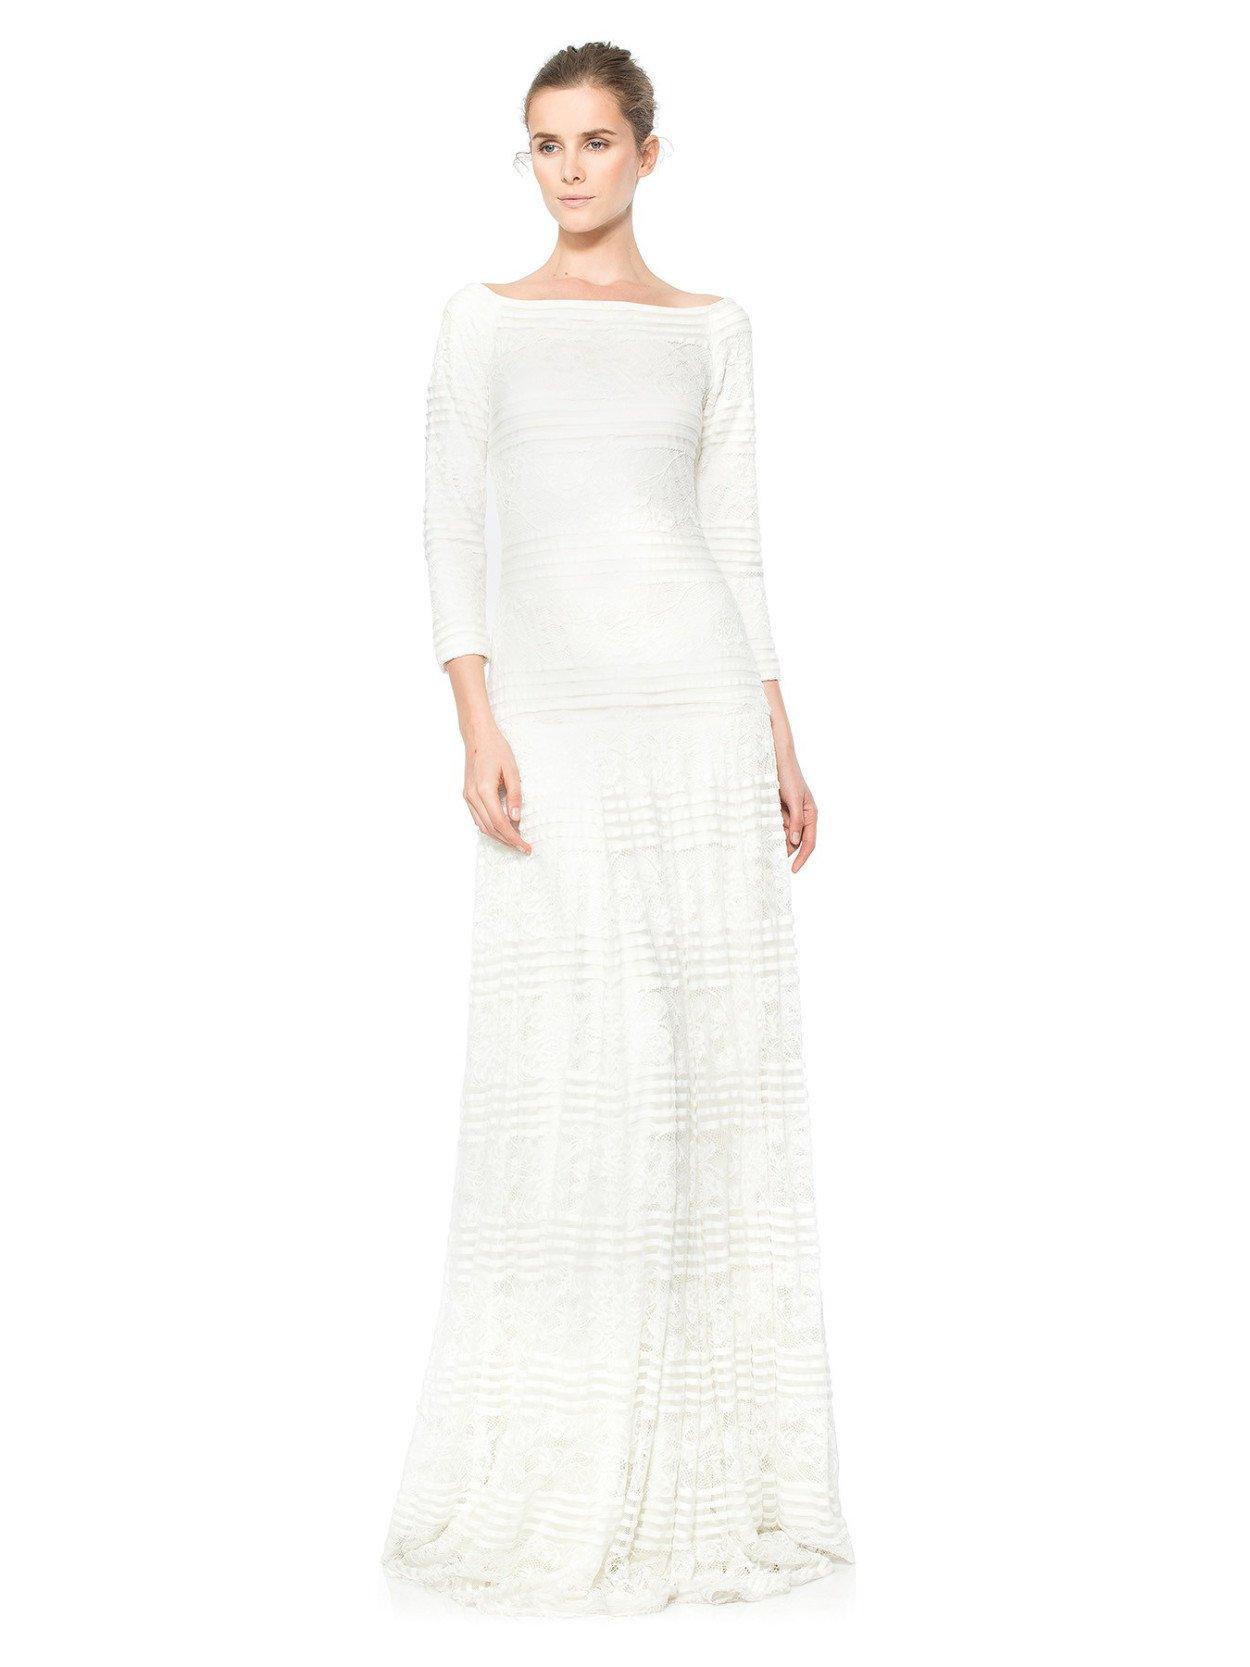 f2ef886a4a9 Белое простое вечернее платье с рукавами на свадьбу. ВЕЧЕРНИЕ ПЛАТЬЯКороткие  ...